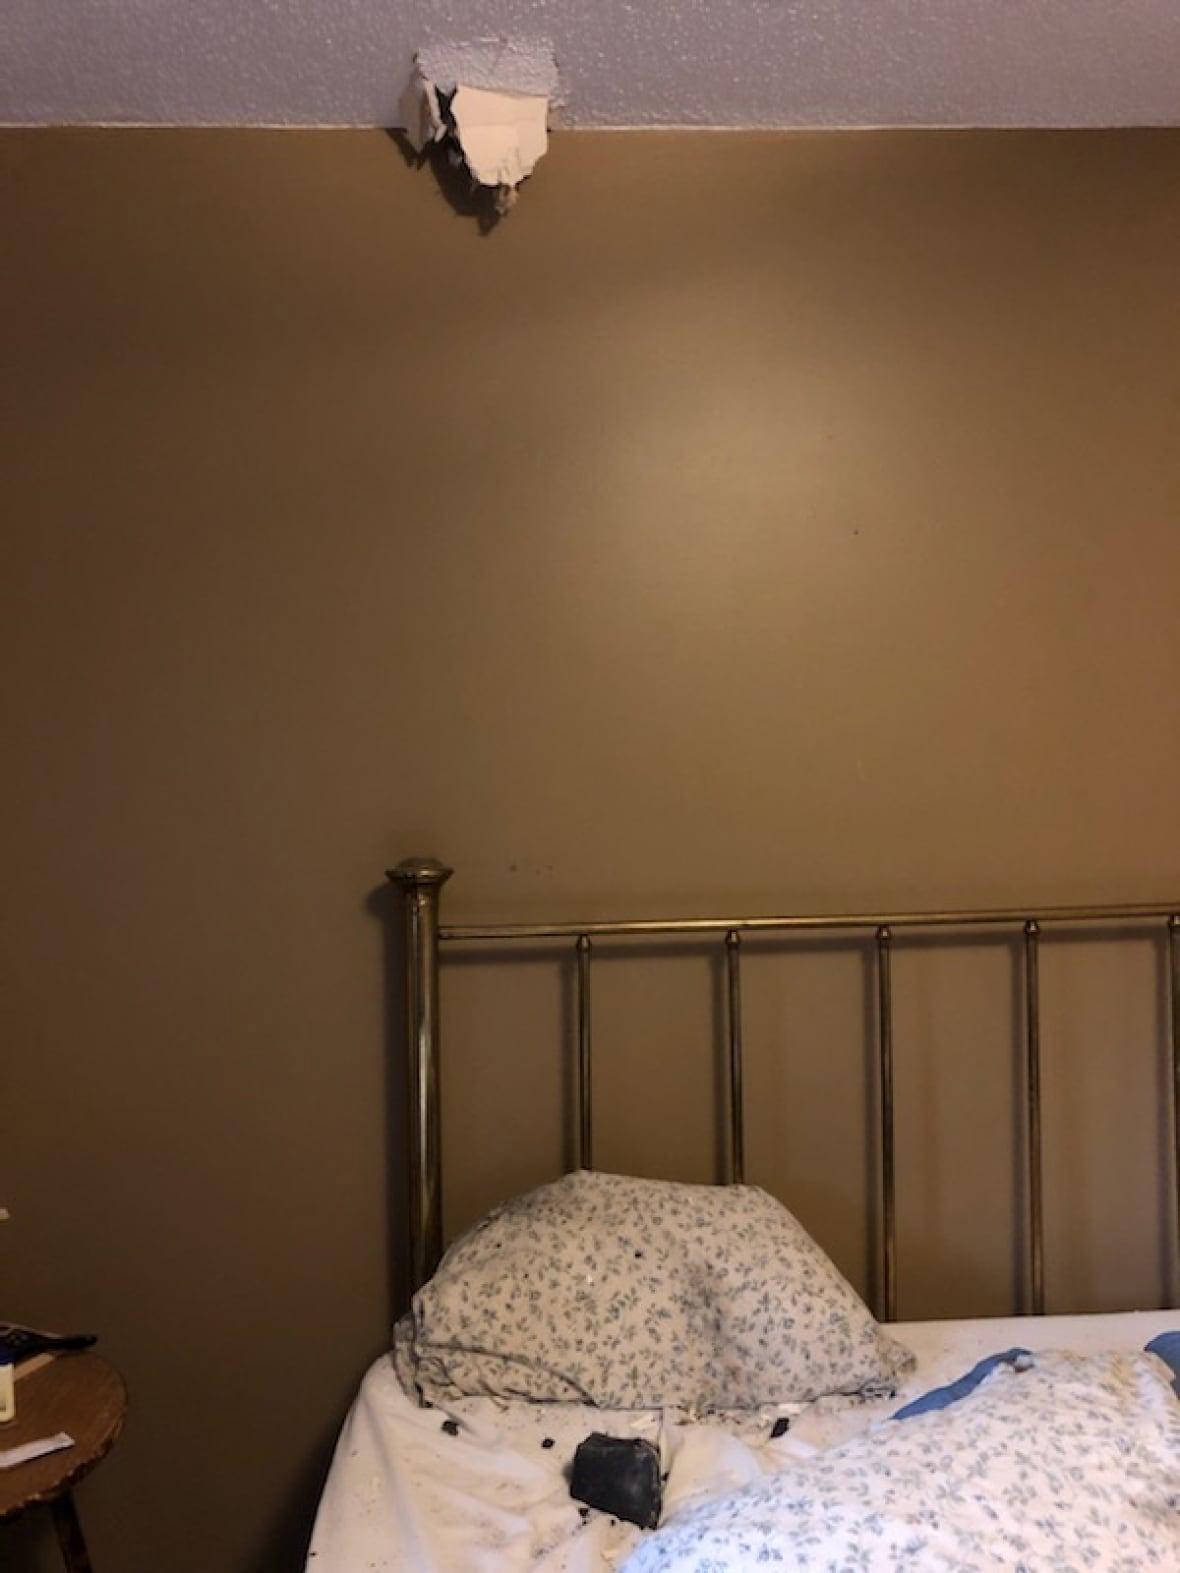 Жительница Канады проснулась от хлопка по подушке. Рядом лежал камень, который прилетел из космоса Культура